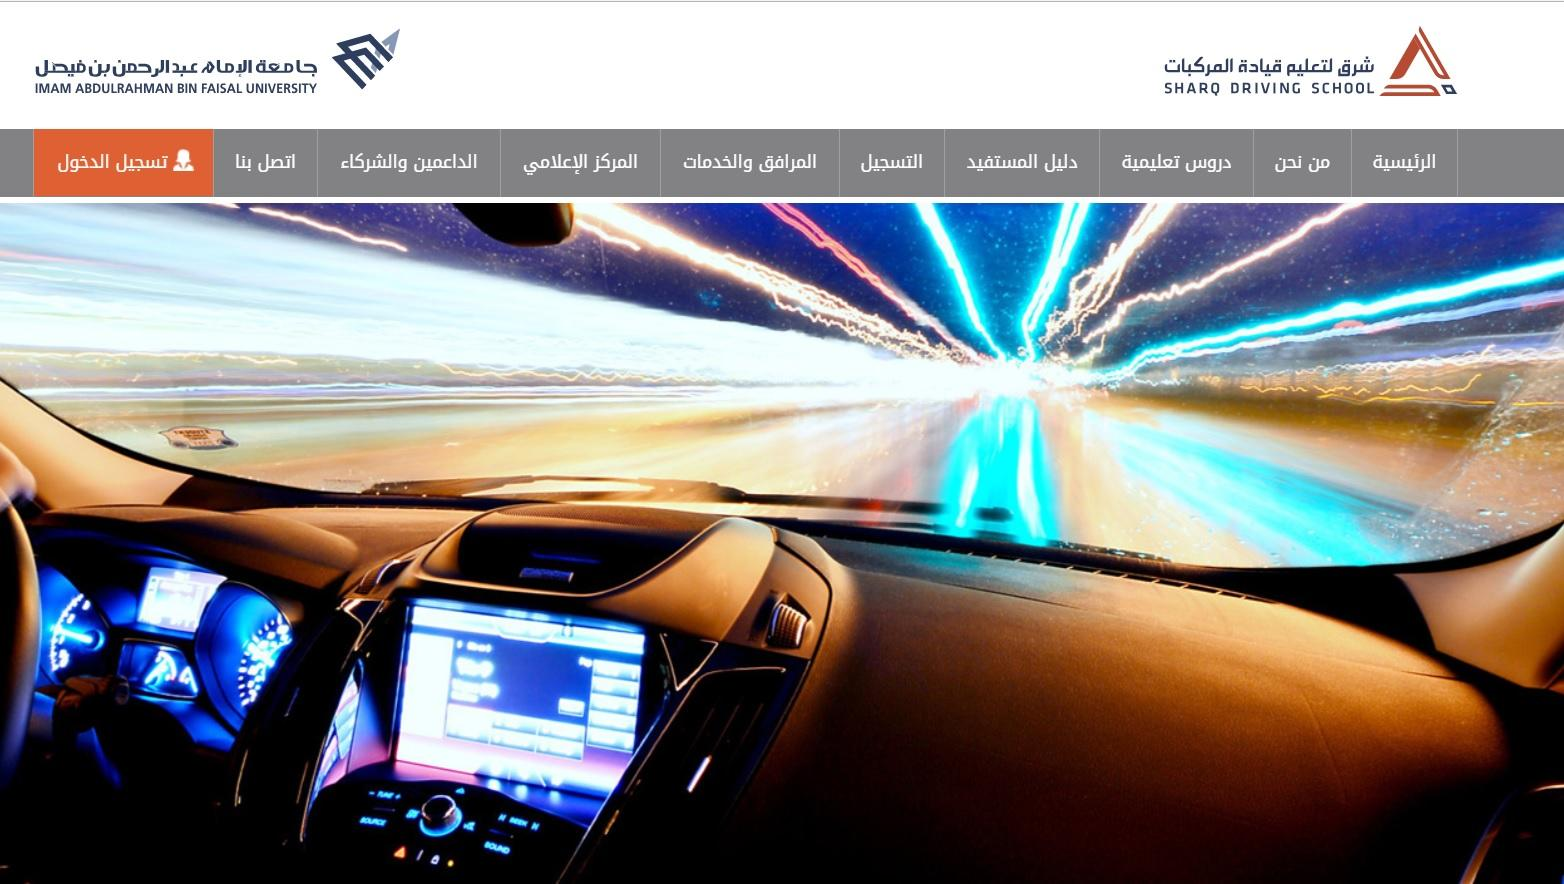 دليل مدارس تعليم القيادة شرق لتعليم قيادة المركبات جامعة الإمام محمد بن فيصل